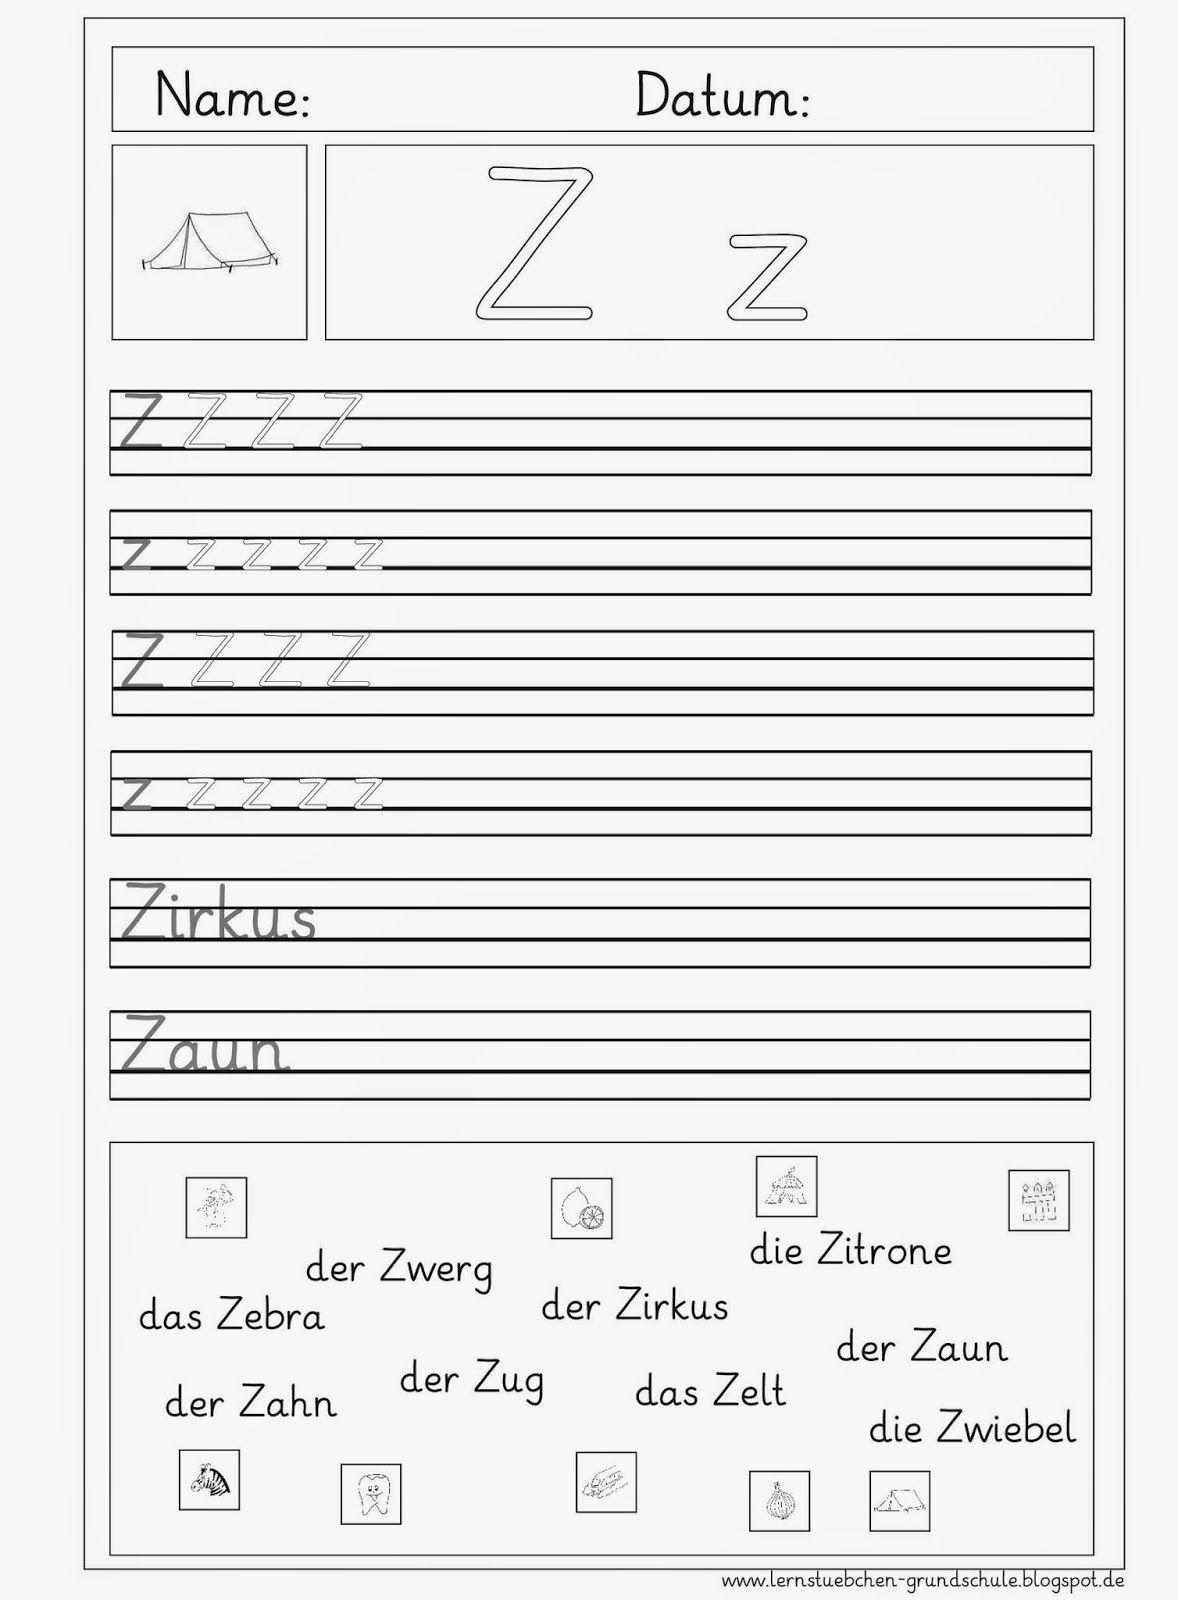 Lernstübchen: DEU 1 Buchstabeneinführung